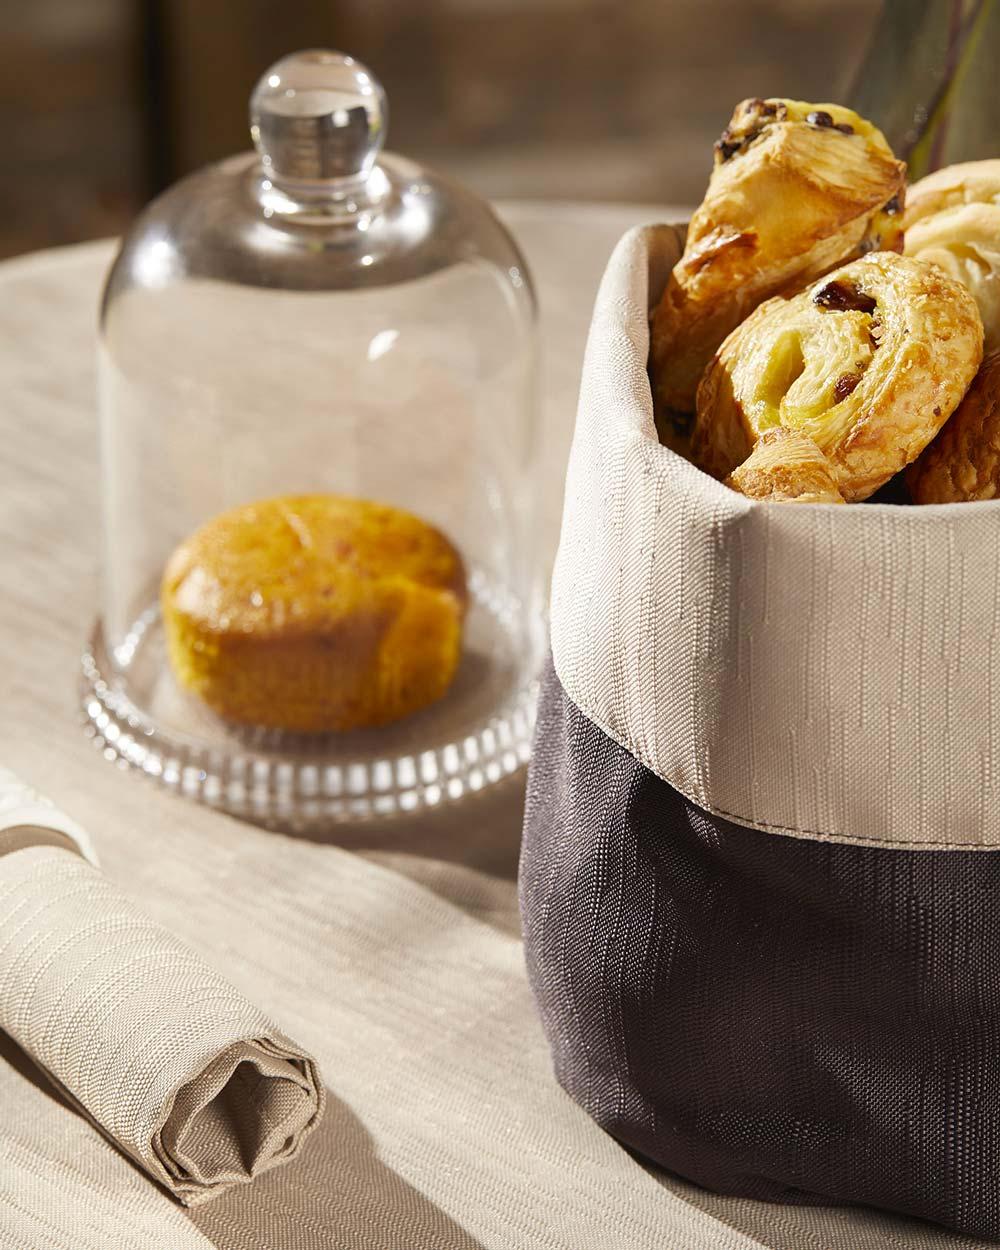 Magilu International - Tovaglia antimacchia e antistiro su misura per ristorante - Arredo tavola